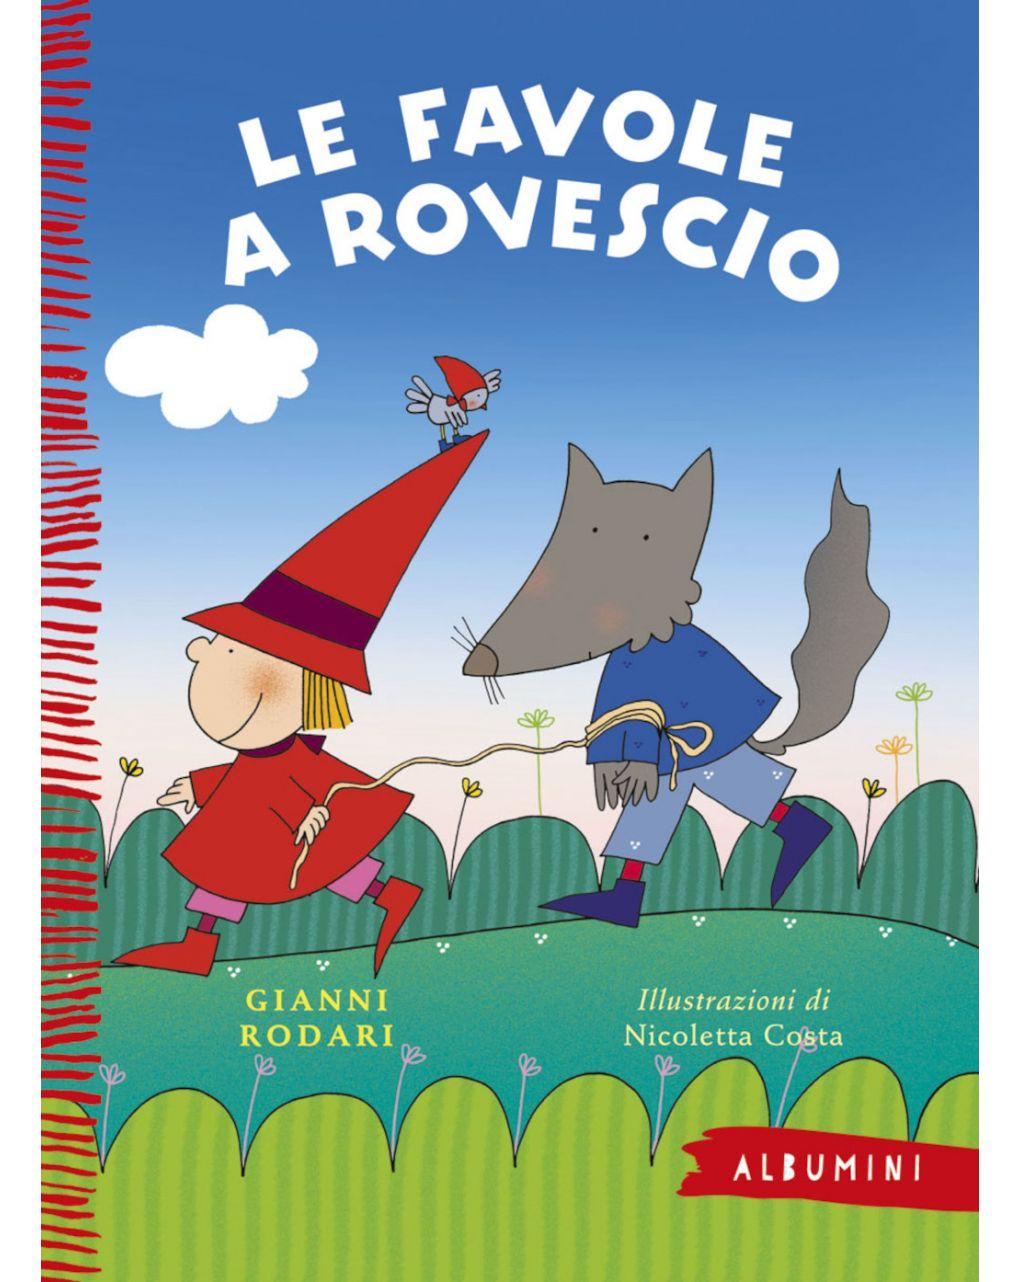 Albumini - le favole a rovescio - Edizioni EL